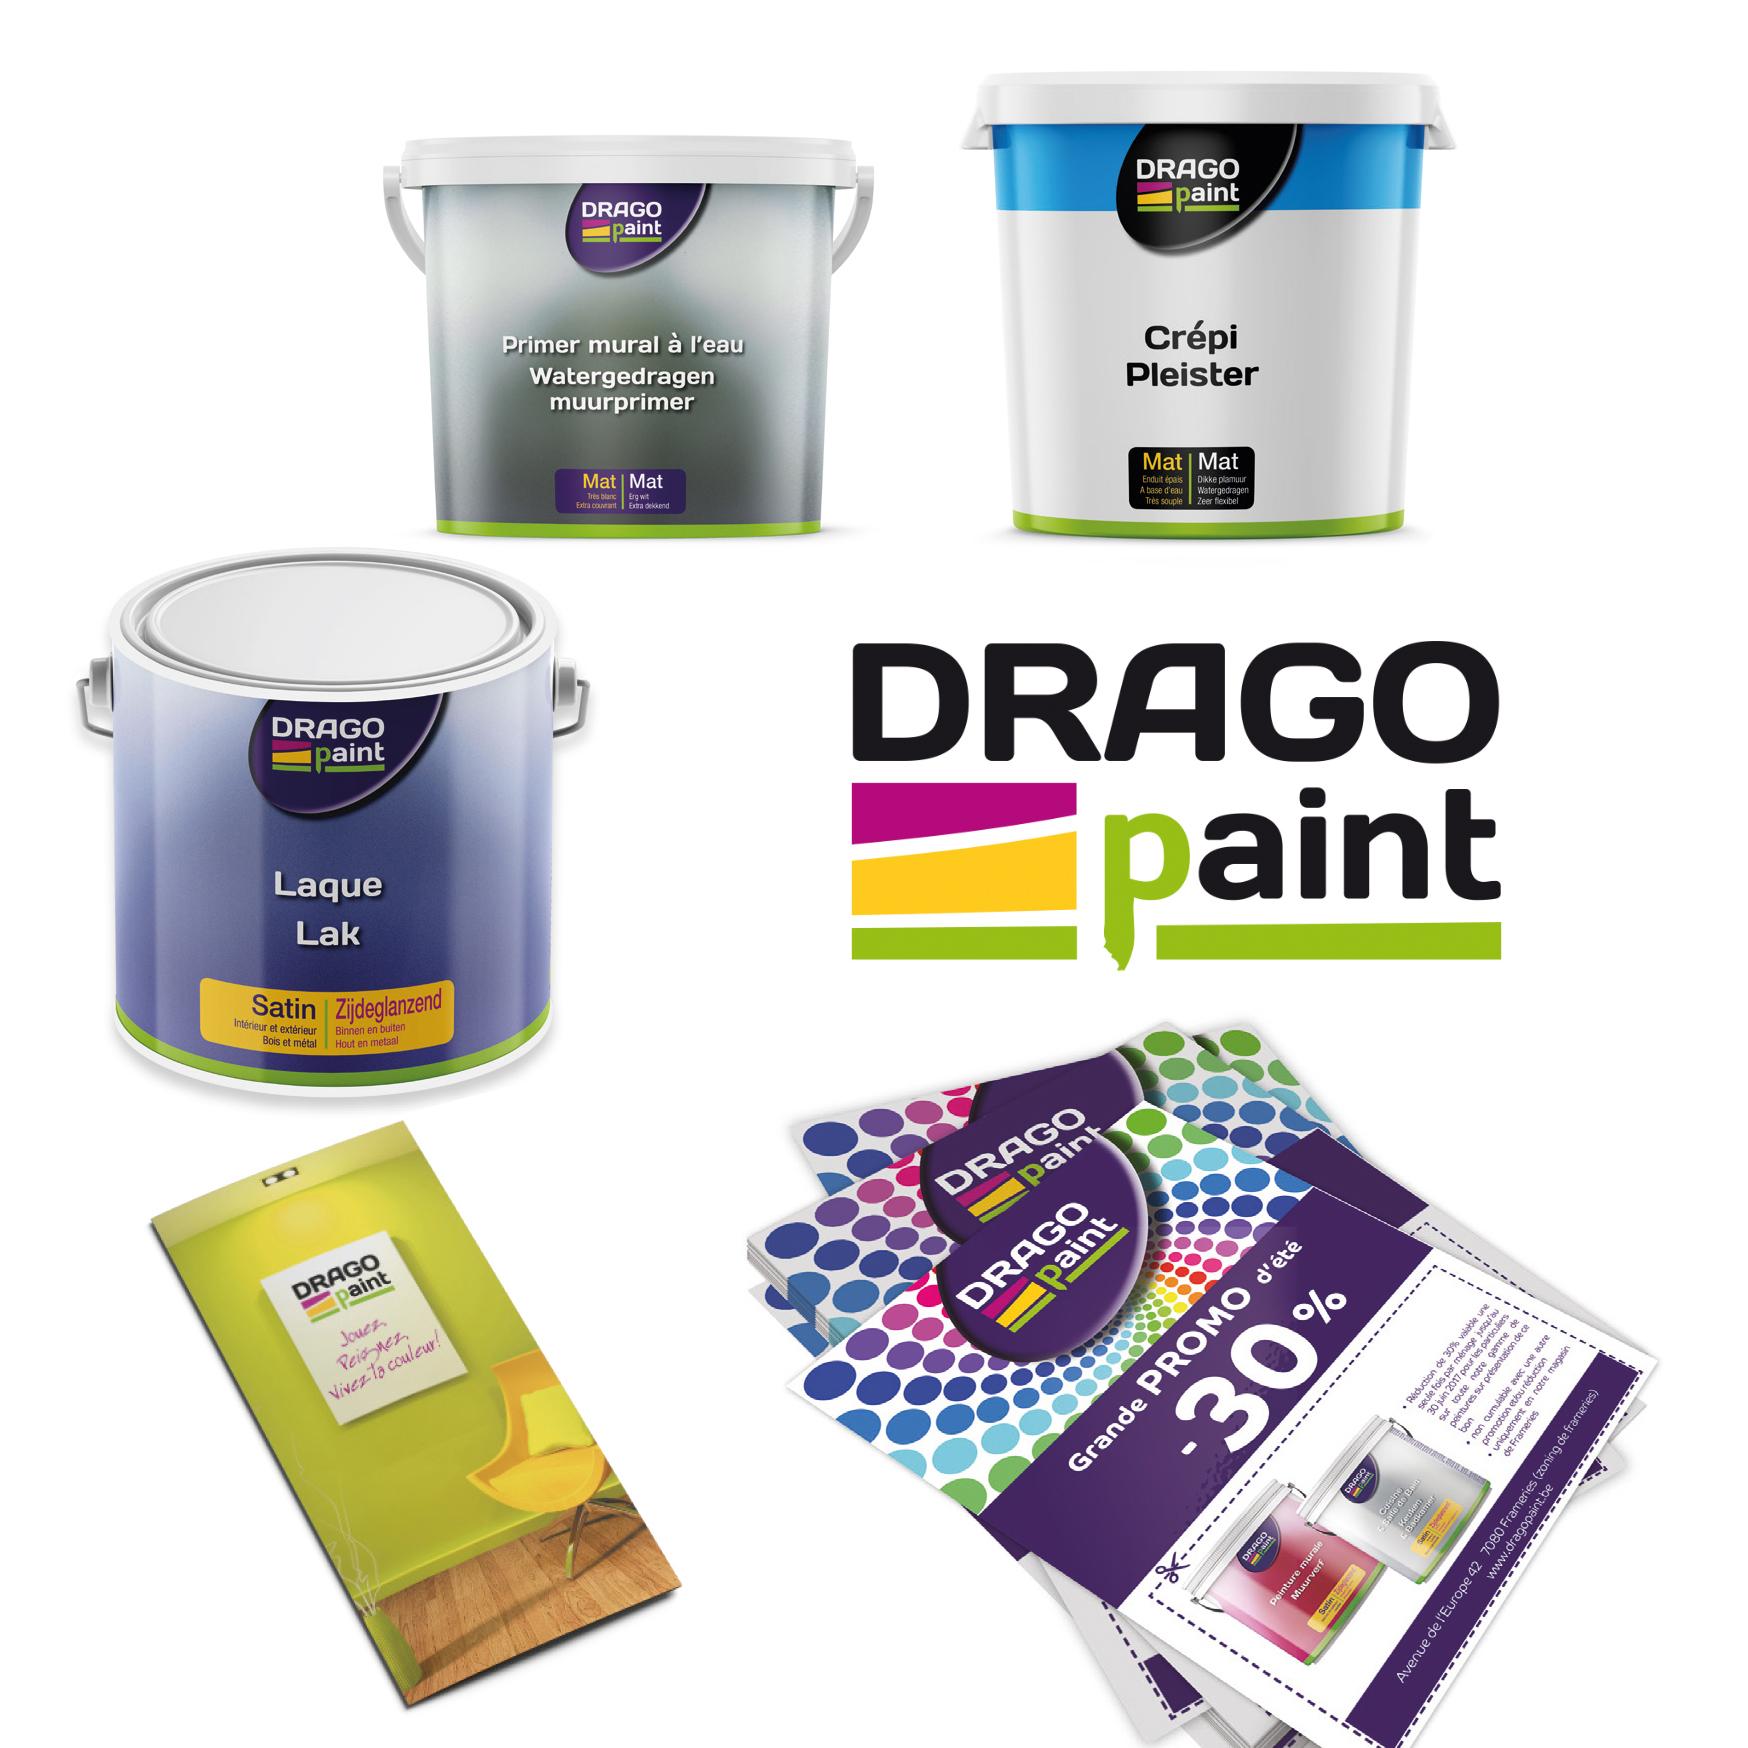 Création et impression de toute la communication et produits DragoPaint